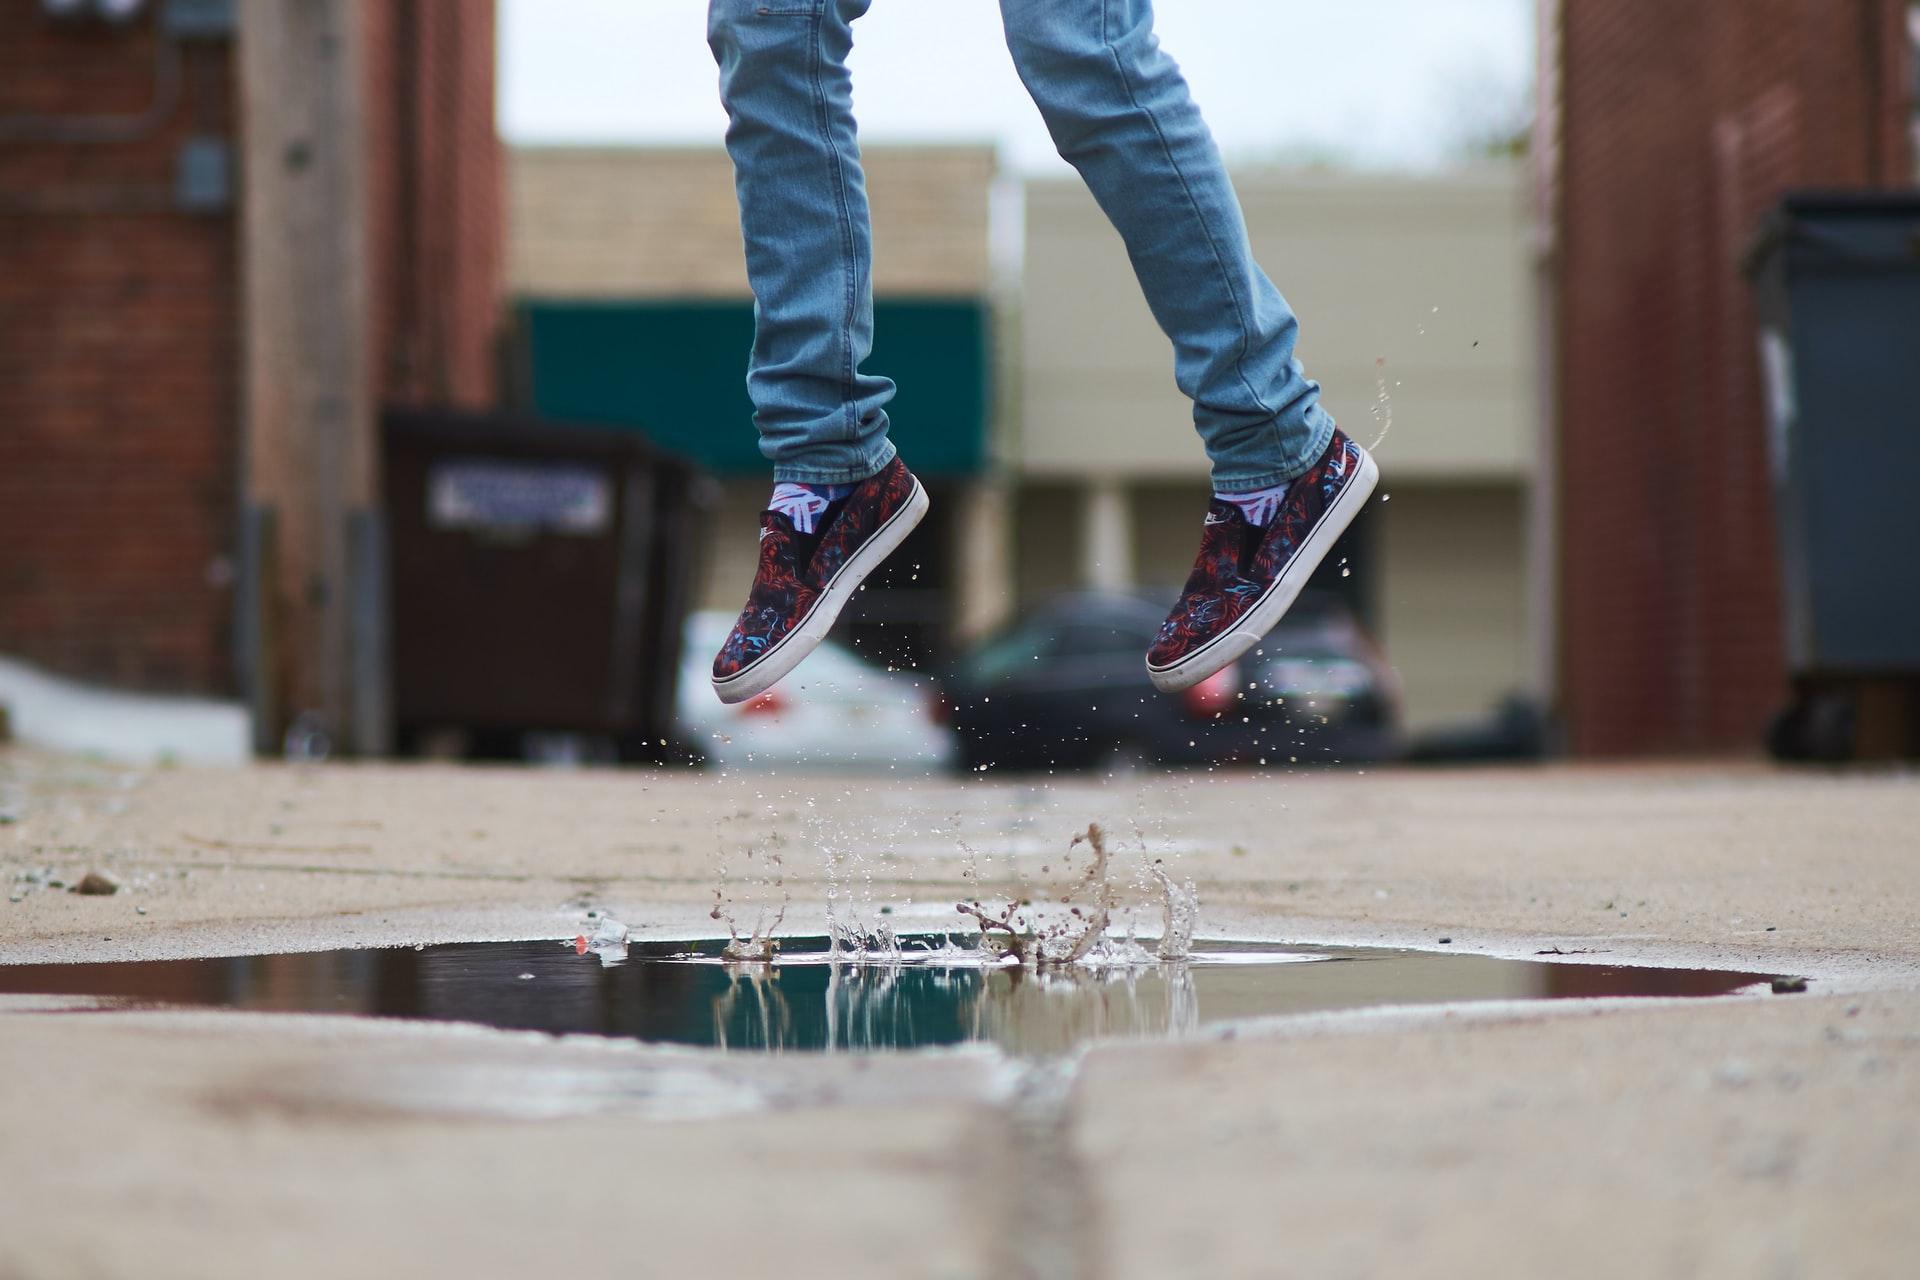 come asciugare le scarpe velocemente